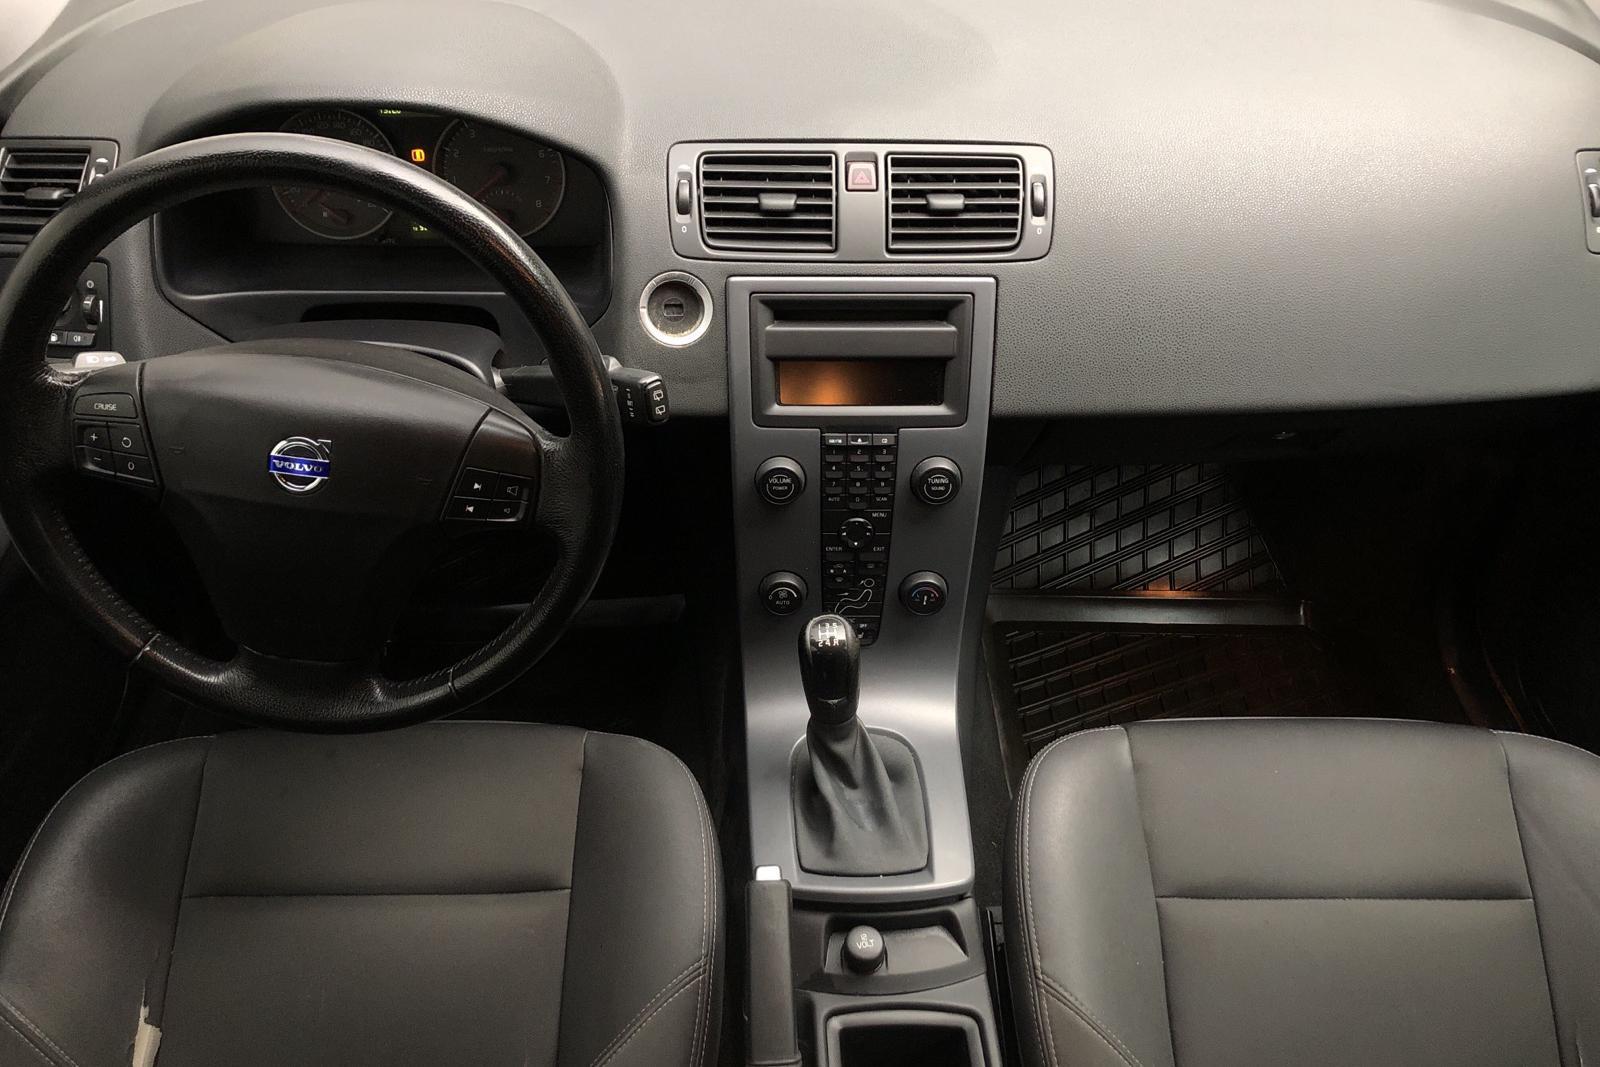 Volvo V50 1.8F (125hk) - 128 520 km - Manual - Light Grey - 2007